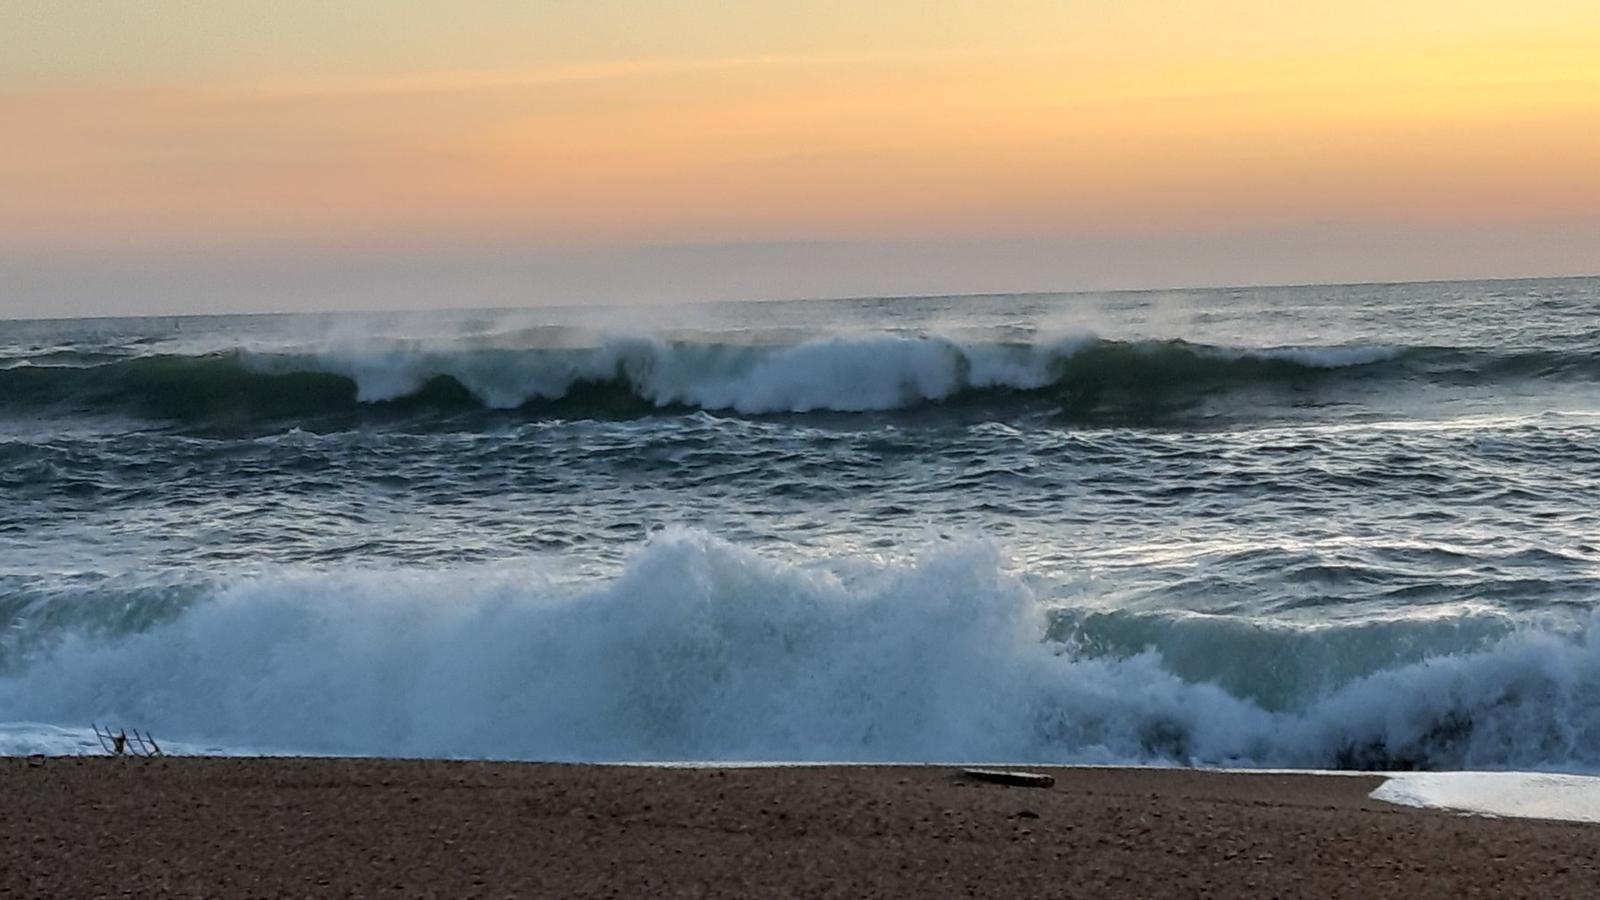 Restes del temporal a la costa i cel serè, amb temperatures més altes